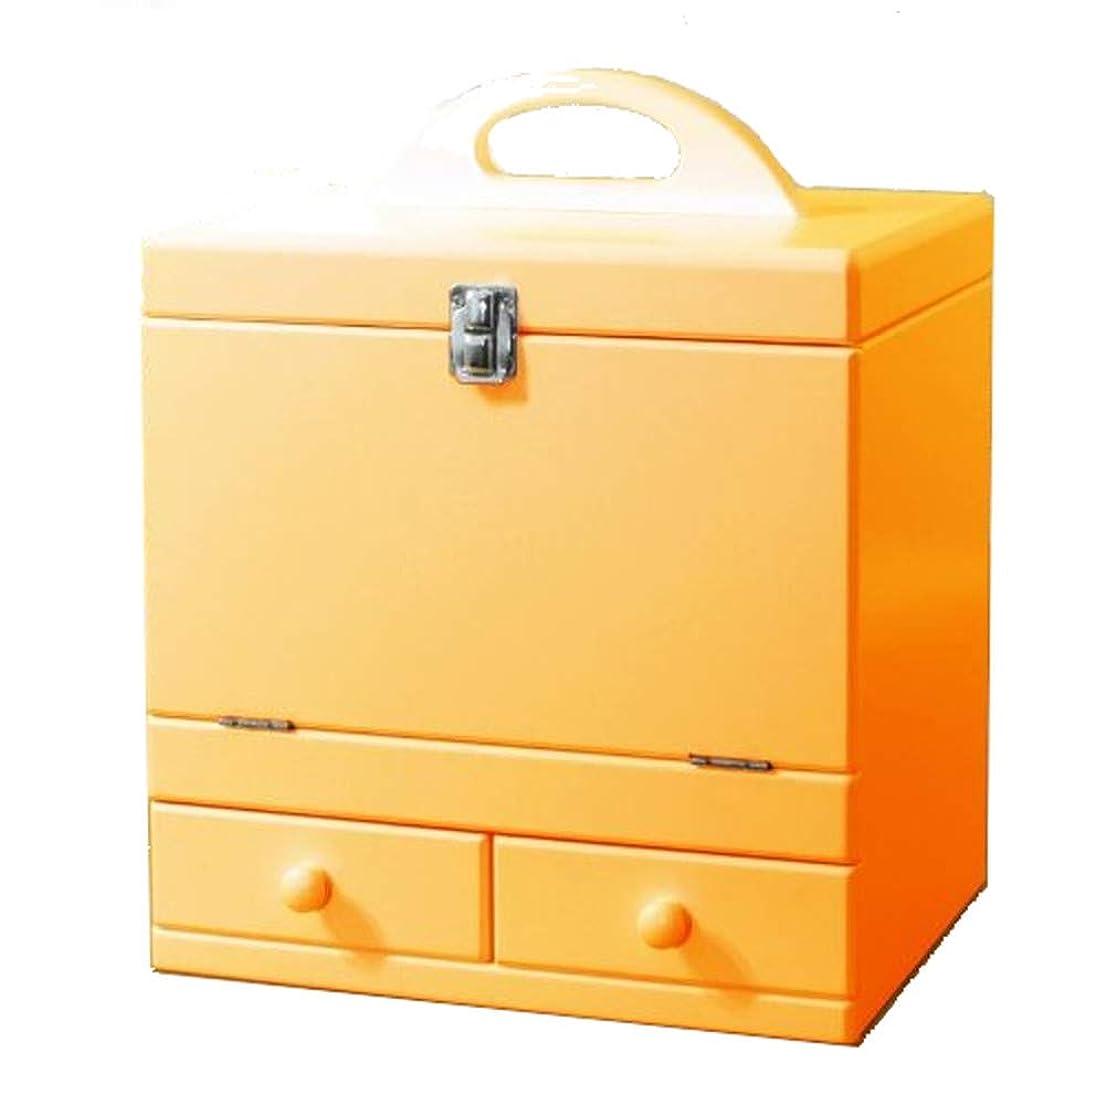 注文太字によってメイクボックス 三面鏡付き(色:ナチュラルオレンジ) tu-852 カラフルコスメボックス